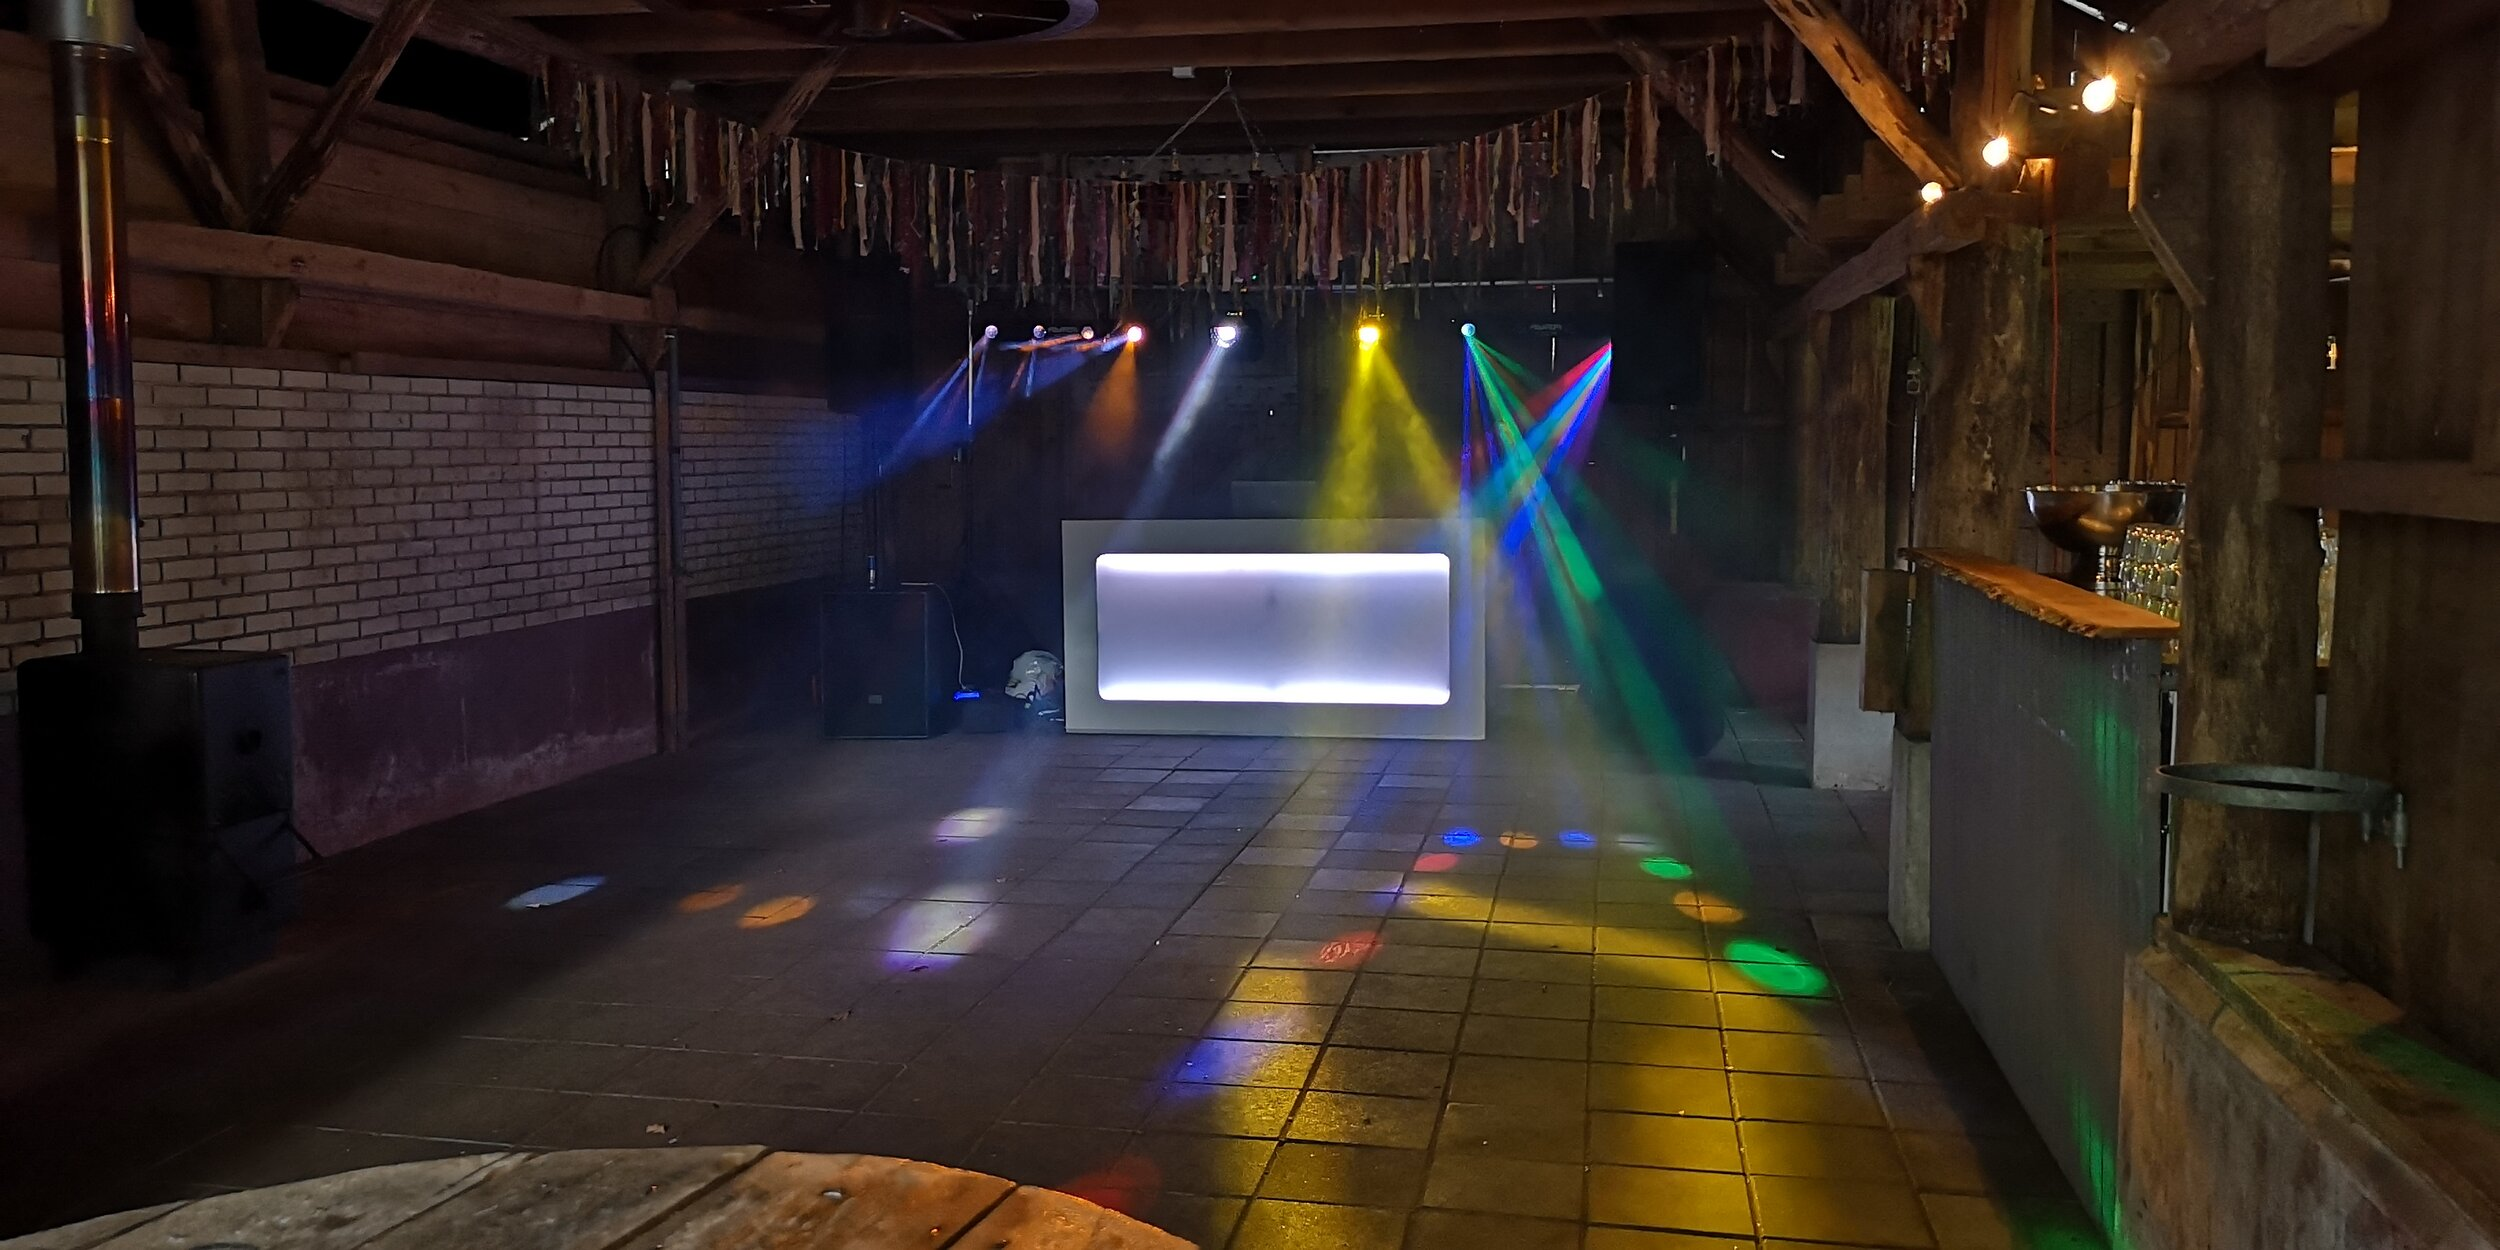 DJ-inhuren-feest-apparatuur-09.jpg